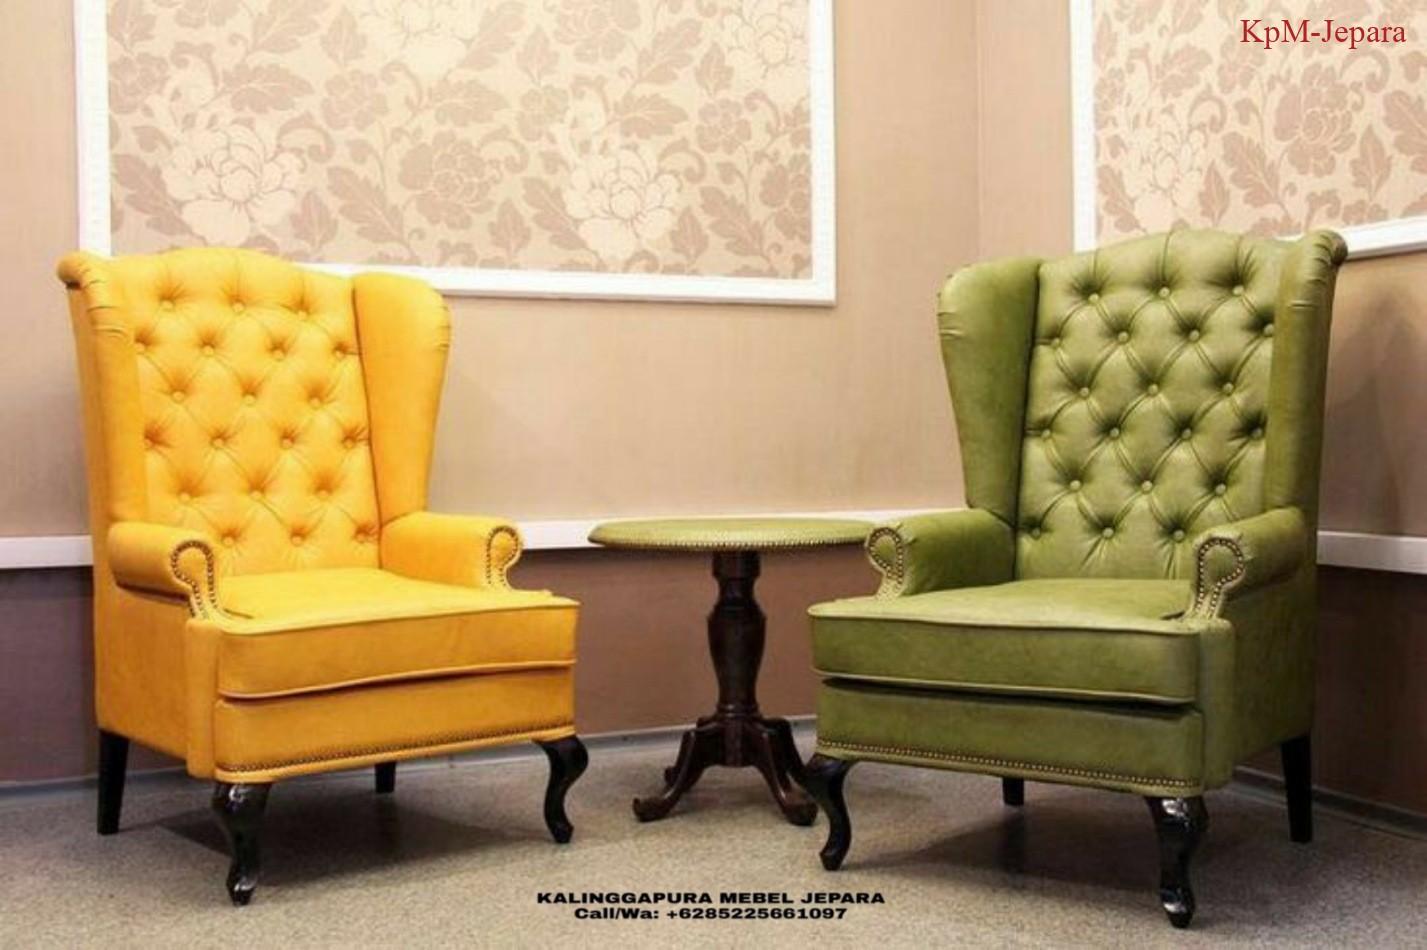 Kursi Sofa Teras Minimalis Astero, kursi sofa kayu, kursi sofa mewah, kursi sofa minimalis, kursi sofa minimalis tamu, kursi sofa retro, kursi sofa santai, kursi sofa sudut, kursi sofa tamu, kursi sudut jepara, kursi sudut kayu, kursi sudut kayu jati, kursi sudut kayu minimalis, kursi sudut mahkota, kursi sudut minimalis, kursi sudut minimalis polos, kursi tamu jati, kursi tamu jati minimalis, kursi tamu kayu, kursi tamu mewah, kursi tamu minimalis, kursi tamu murah, kursi tamu sederhana, kursi tamu sofa, kursi teras besi, kursi teras jati, kursi teras kayu, kursi teras kayu minimalis, kursi teras panjang, kursi teras rotan